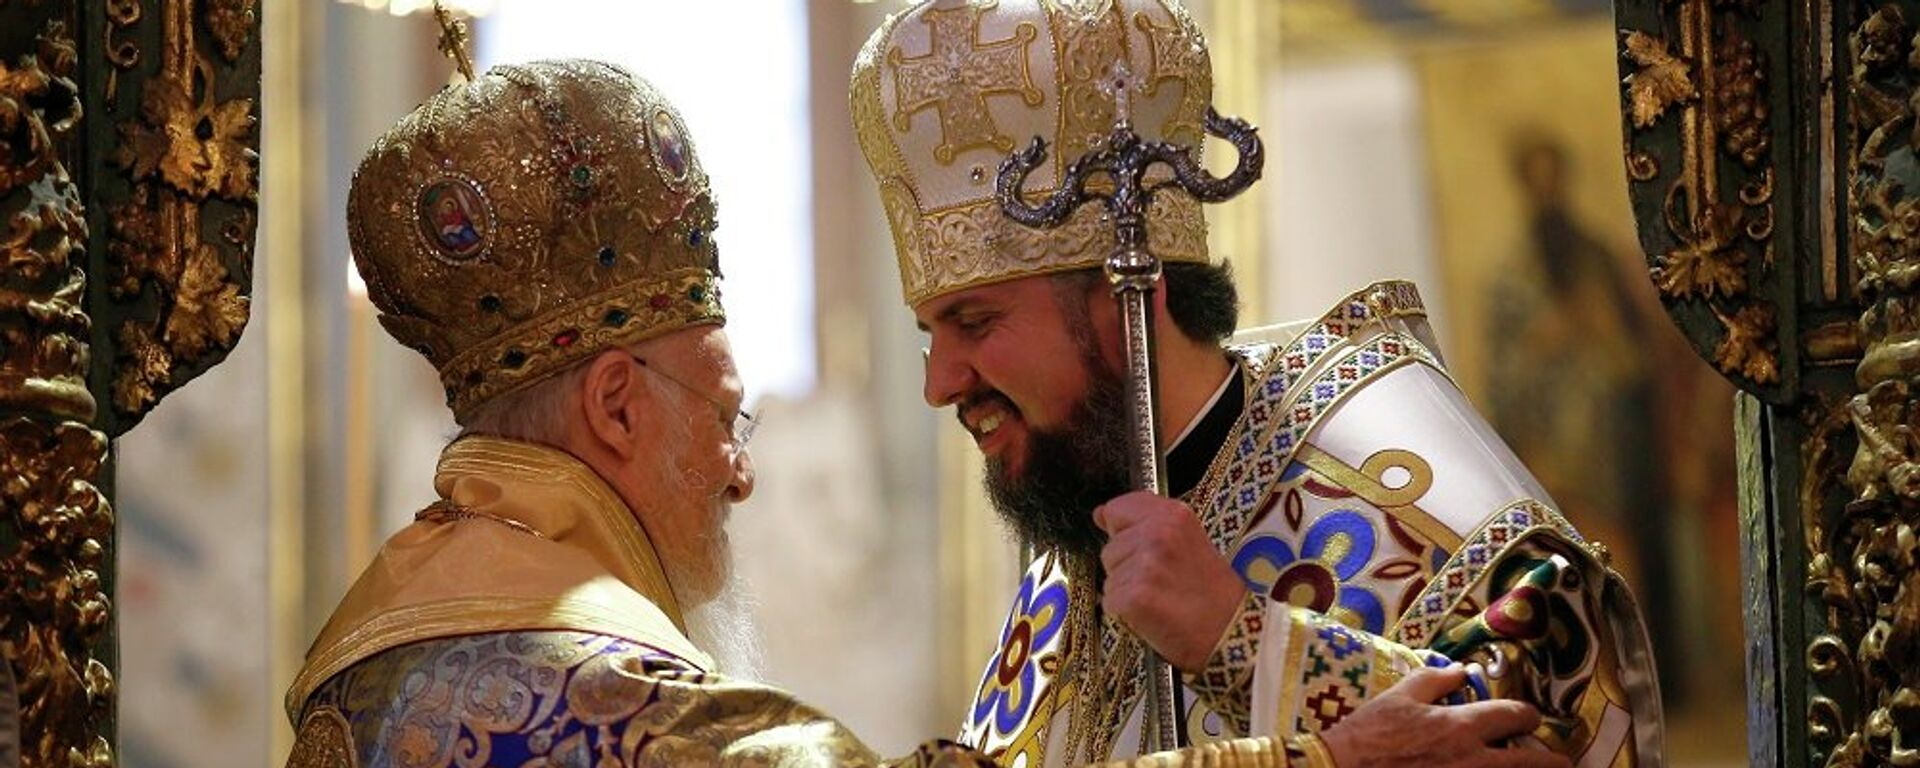 Ο Πατριάρχης Βαρθολομαίος και ο Επιφάνιος της Ουκρανίας - Sputnik Ελλάδα, 1920, 17.02.2020